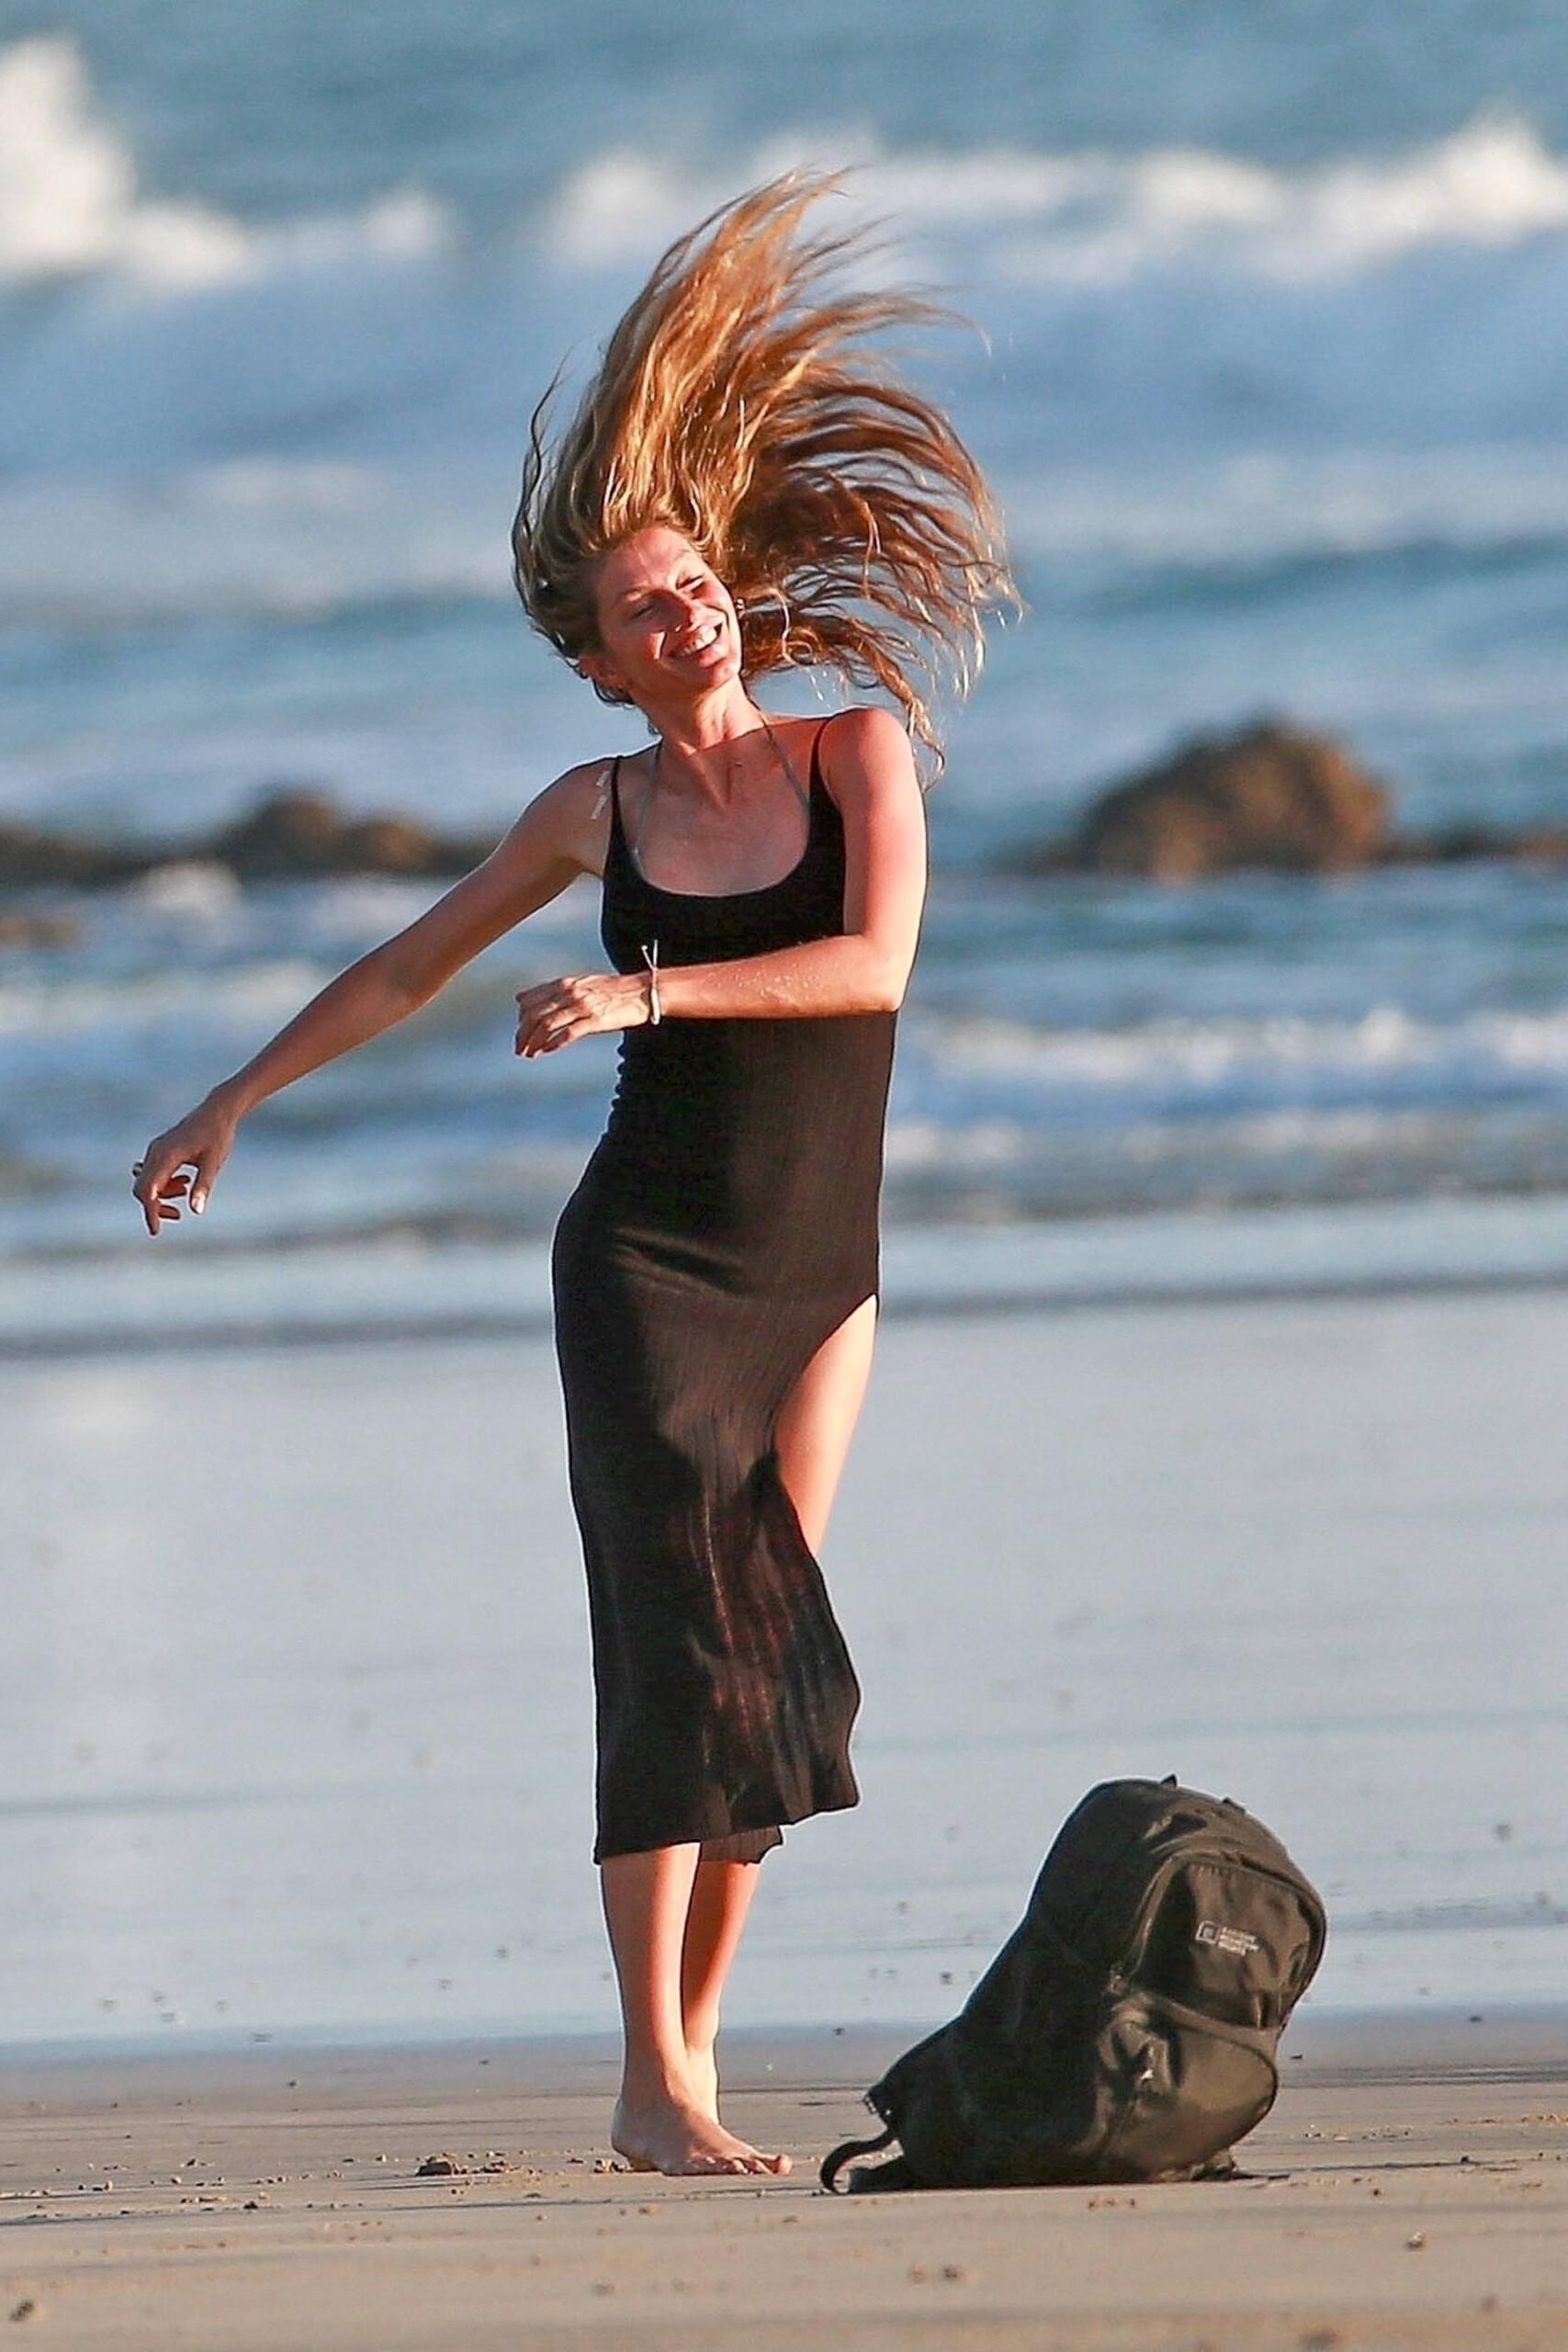 Gisele Bundchen In Bikini On Beach